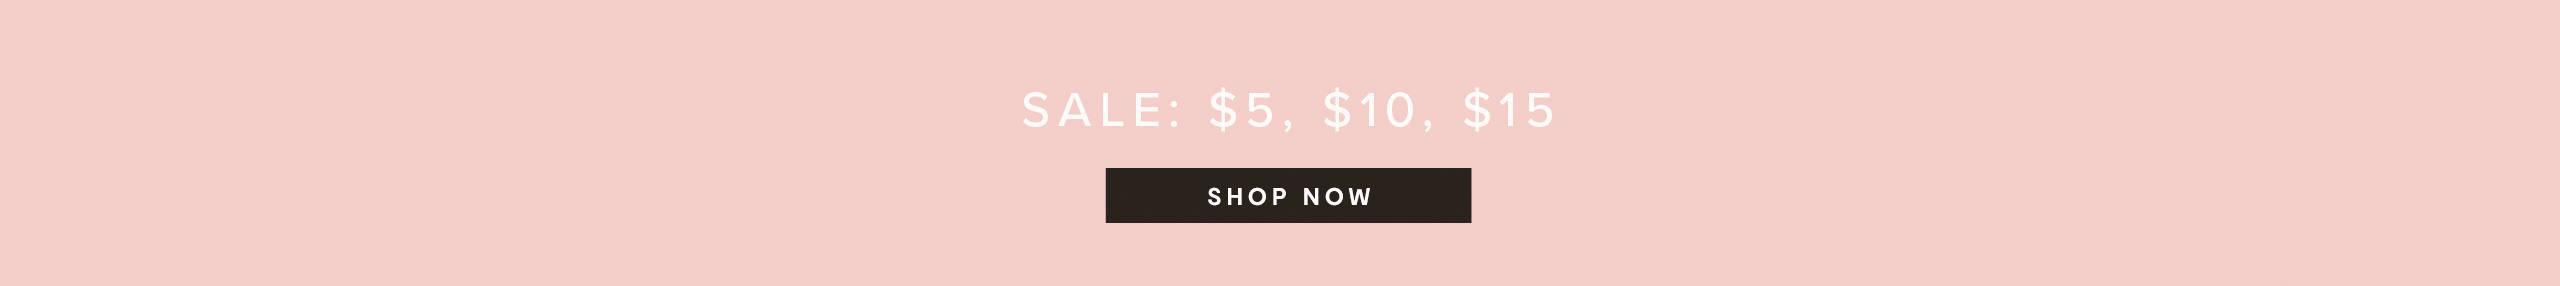 Sale: $5, $10, $15